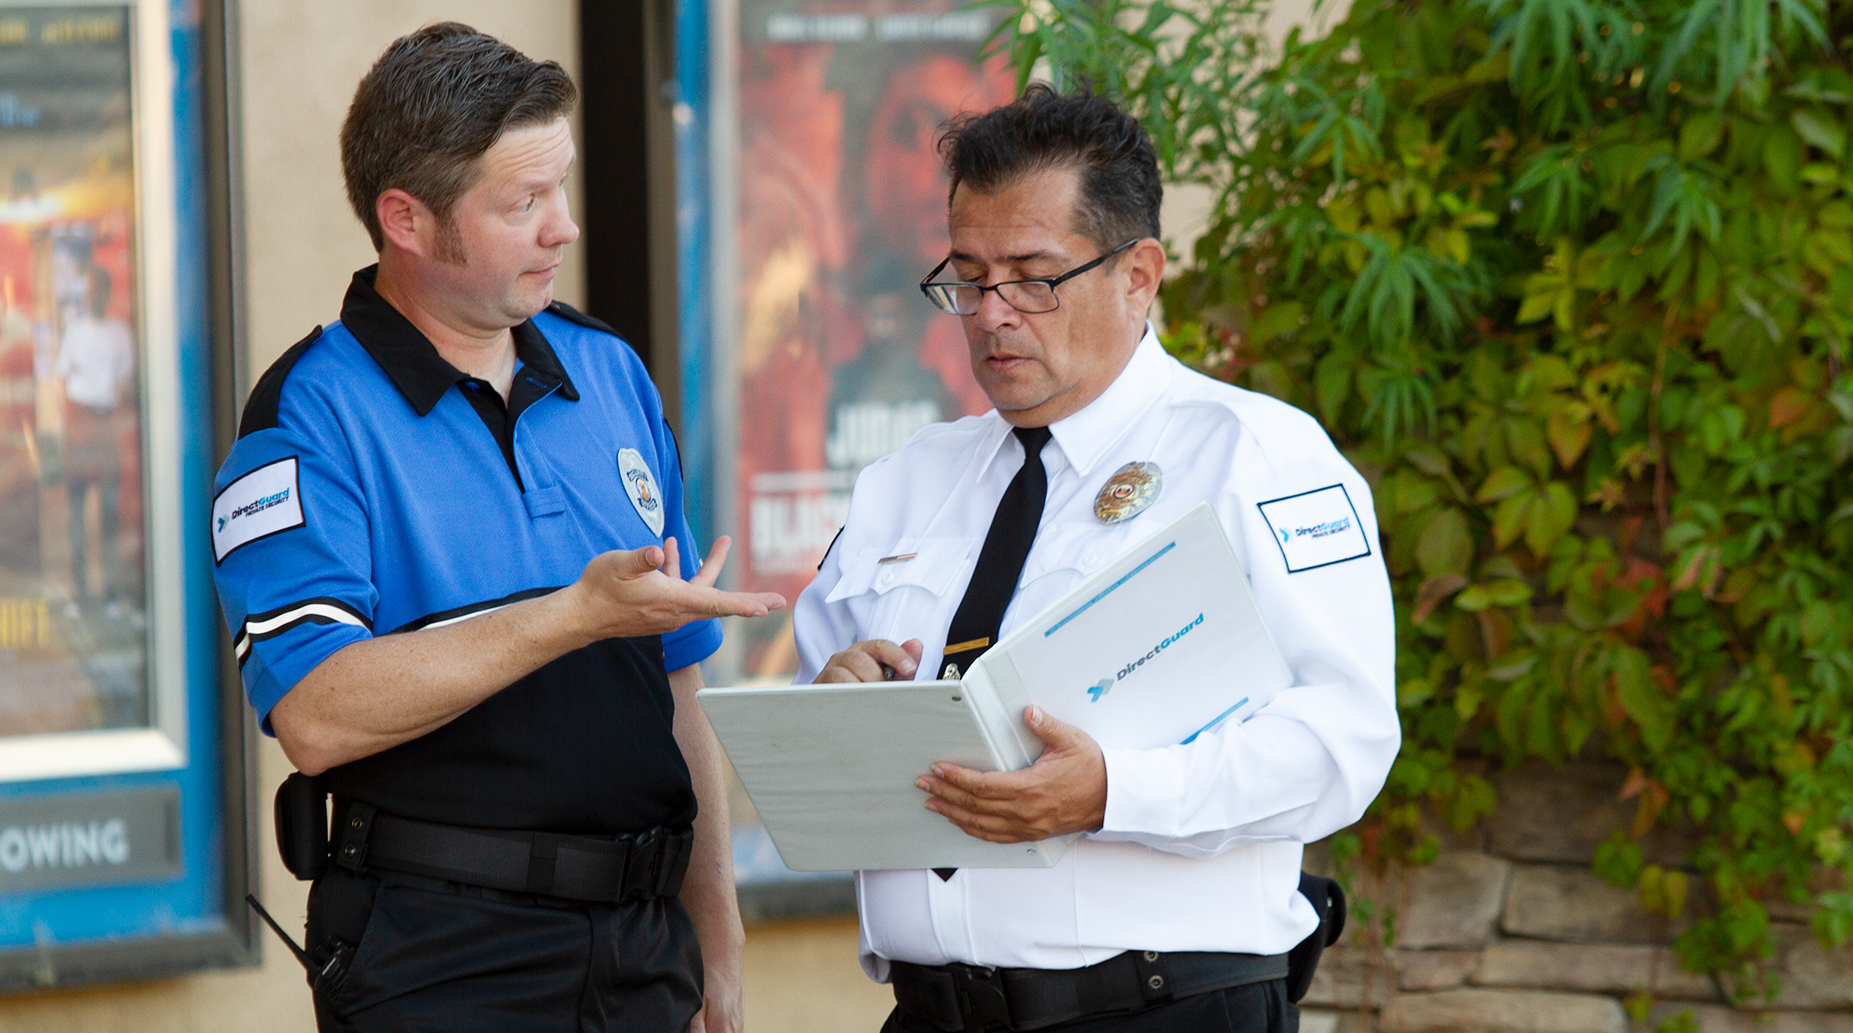 Executive Protection services in California